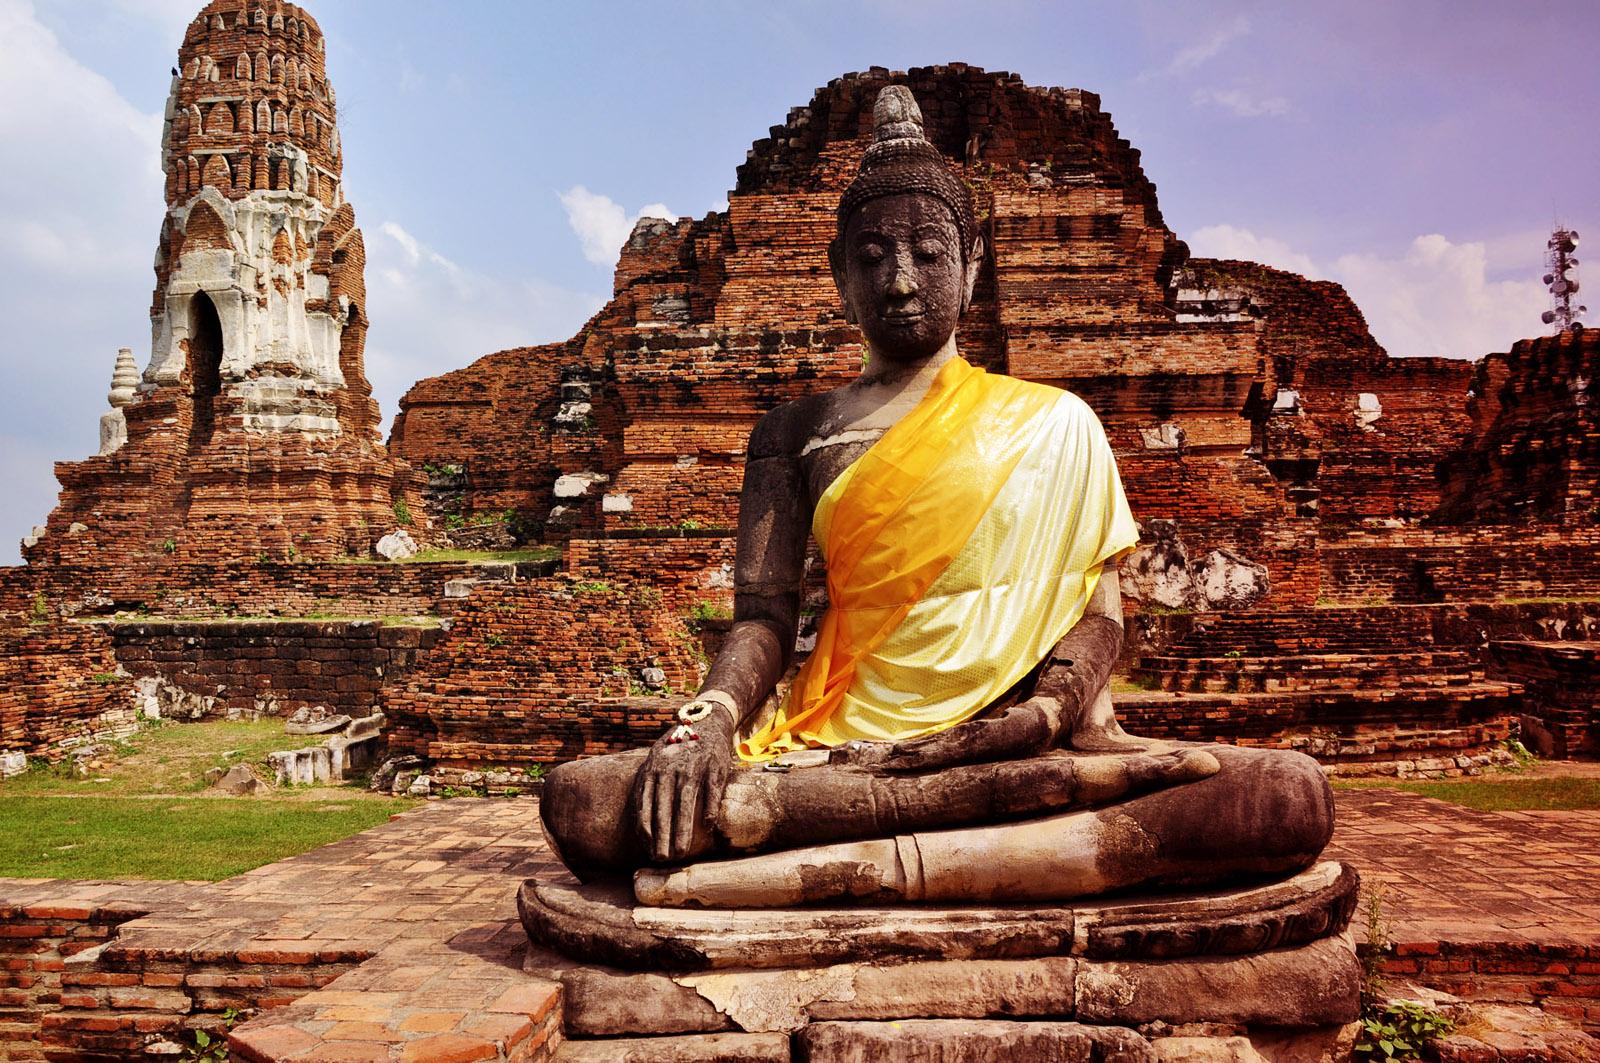 http://2.bp.blogspot.com/-thJR-v3tvMI/UBsmgiSw5XI/AAAAAAAADWE/t6pnIRXGFfc/s1600/Thailand_Bankok_Cultural_Architecture-Vvallpaper.Net.jpg